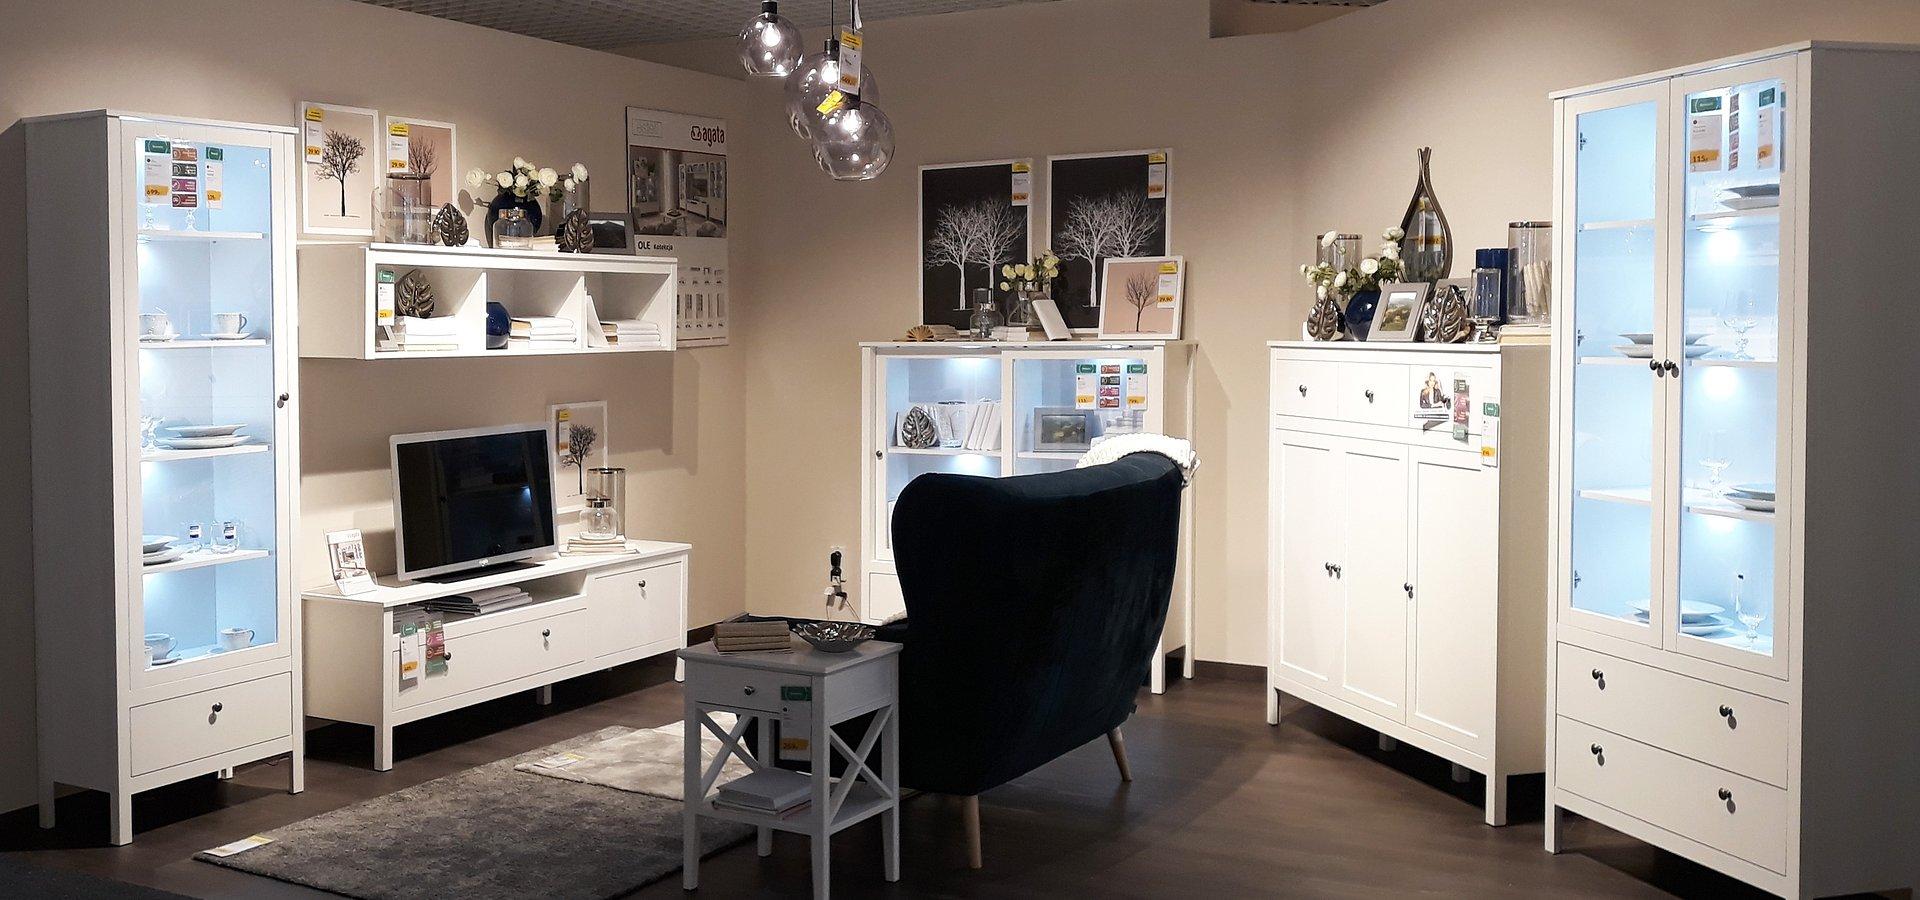 Salon Agata na warszawskim Okęciu po remoncie otwiera się dla Klientów